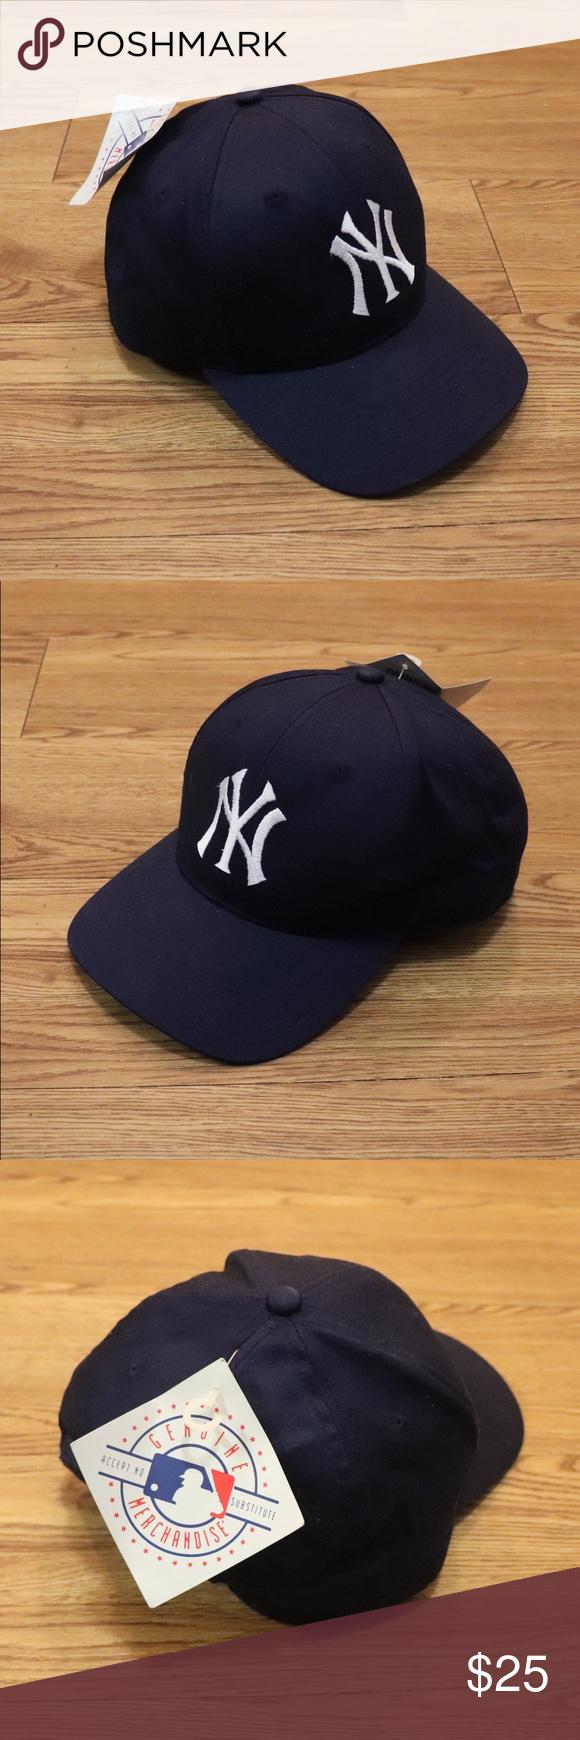 Vintage New York Yankees Snapback Hat Vintage  13d7b453b09